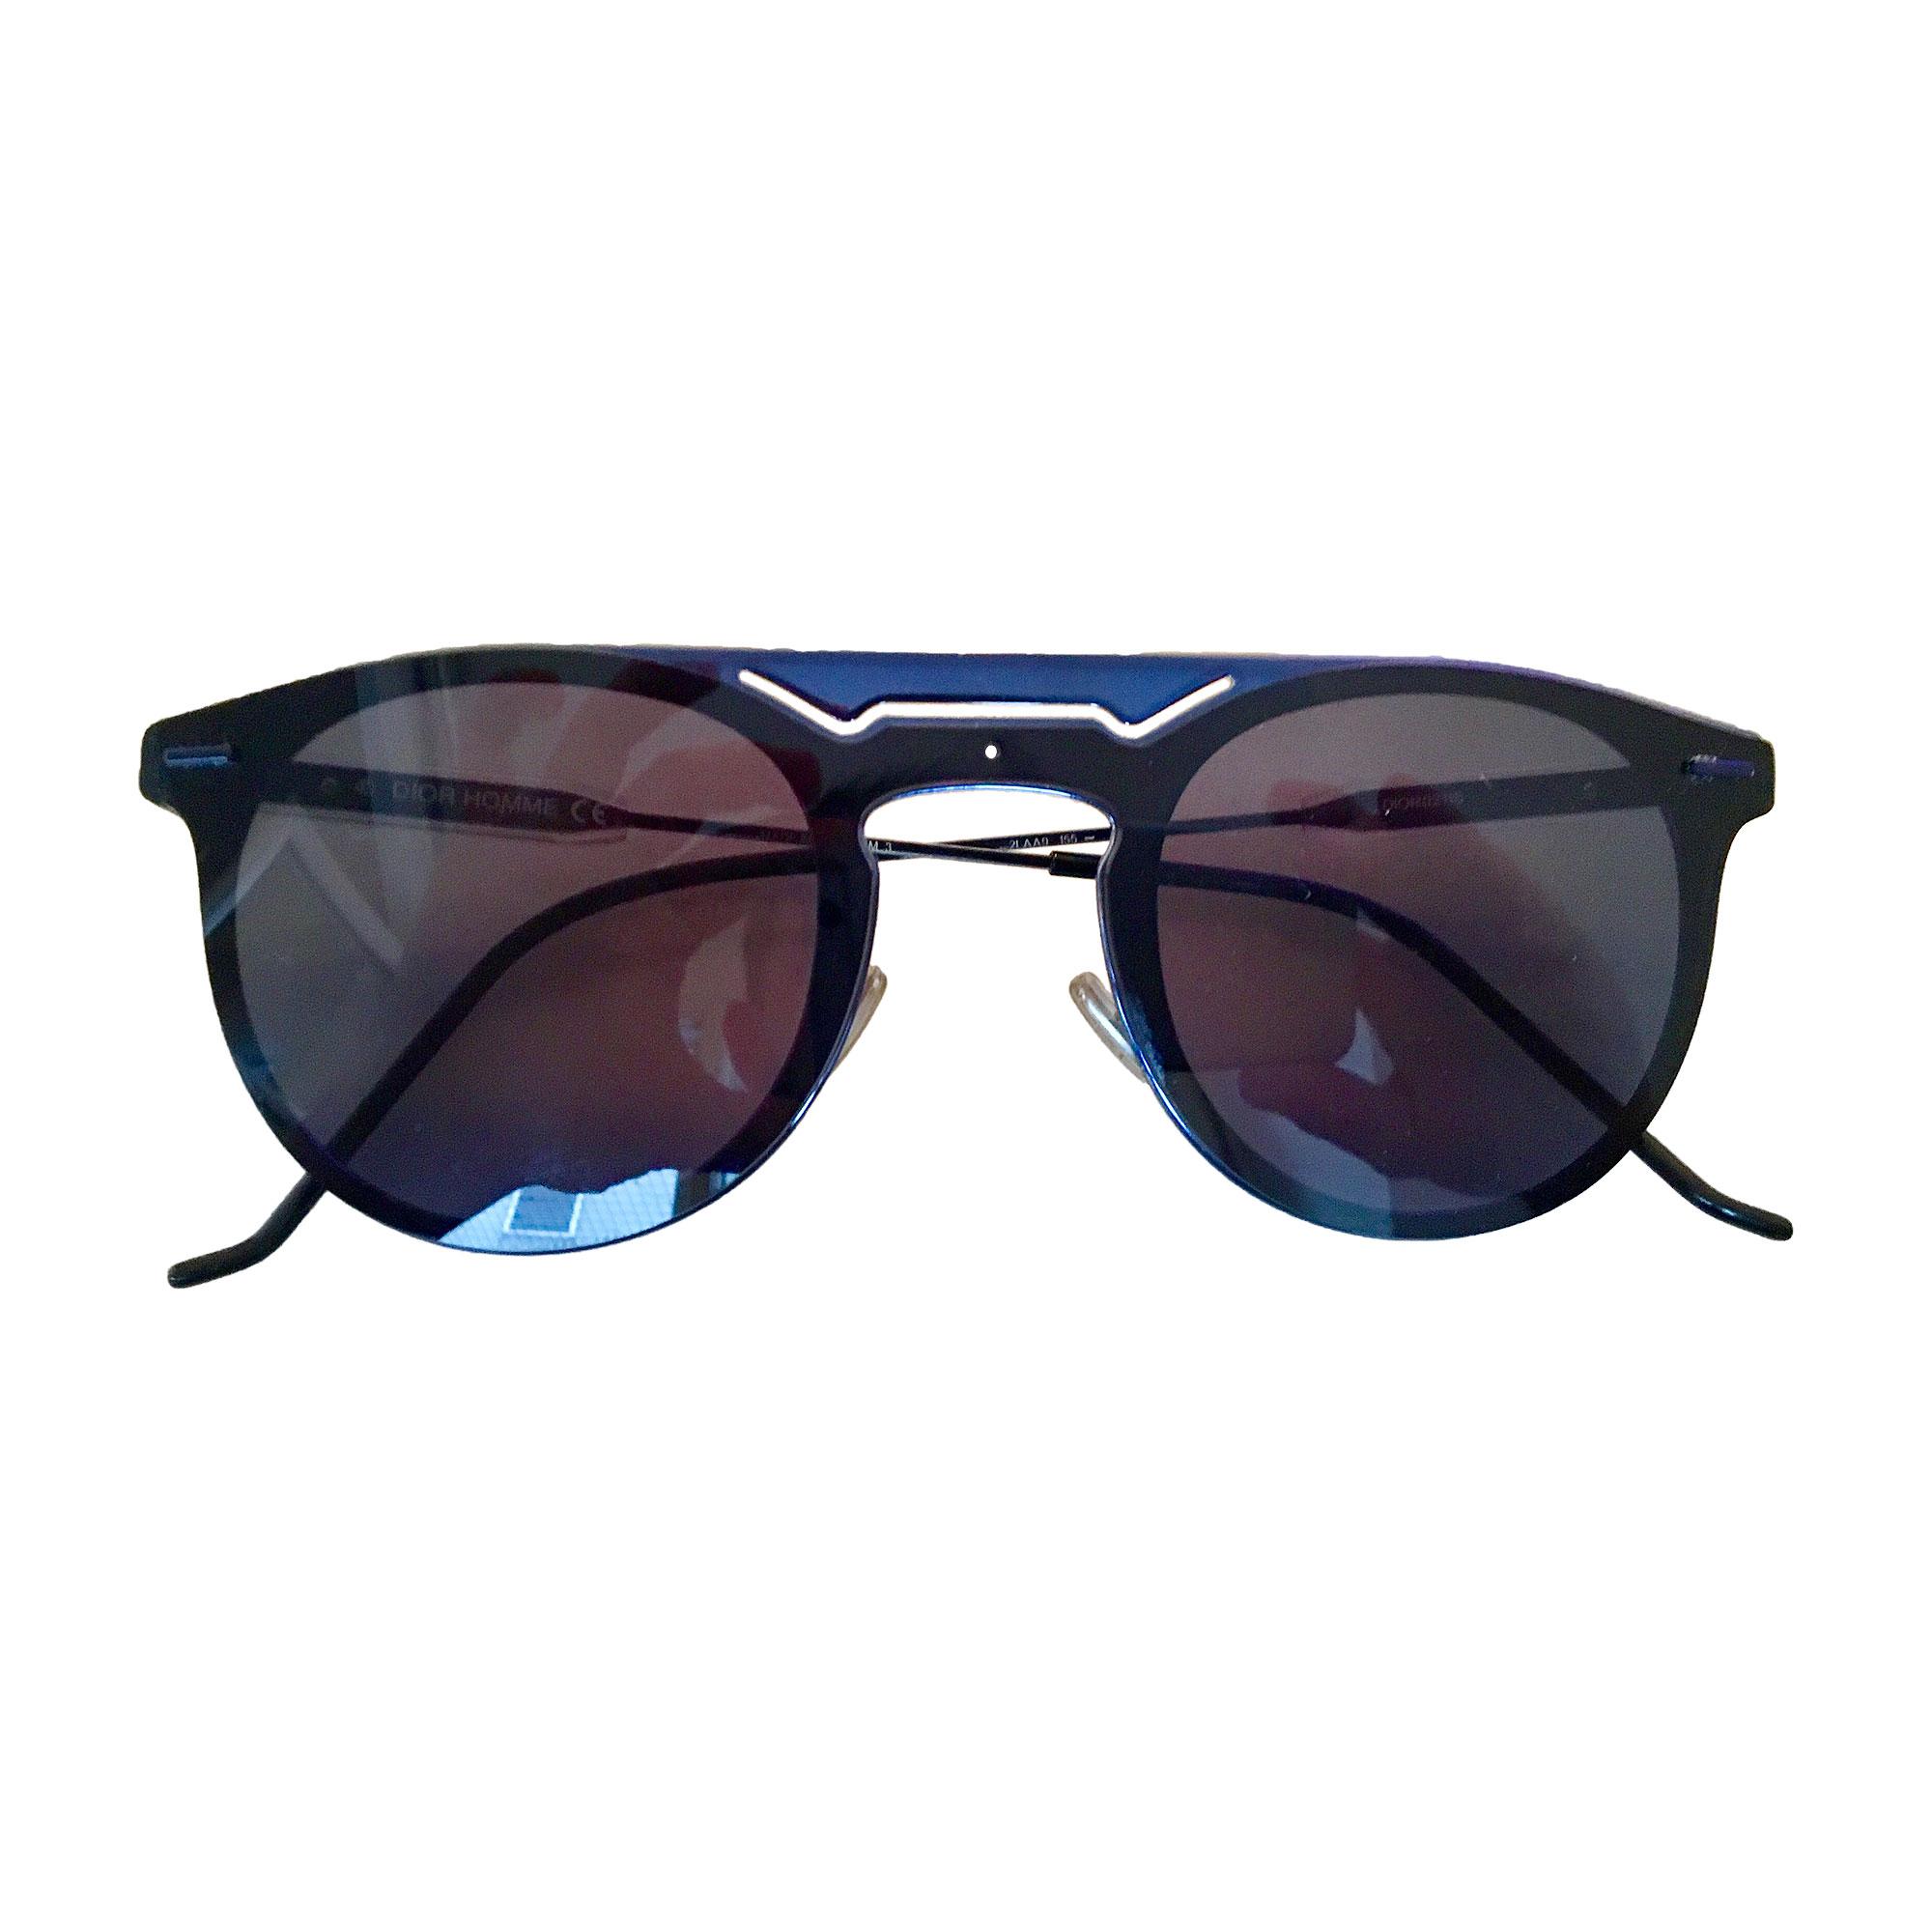 8f3ef7cc5db8f Lunettes de soleil DIOR HOMME bleu vendu par Donato88 - 7519171